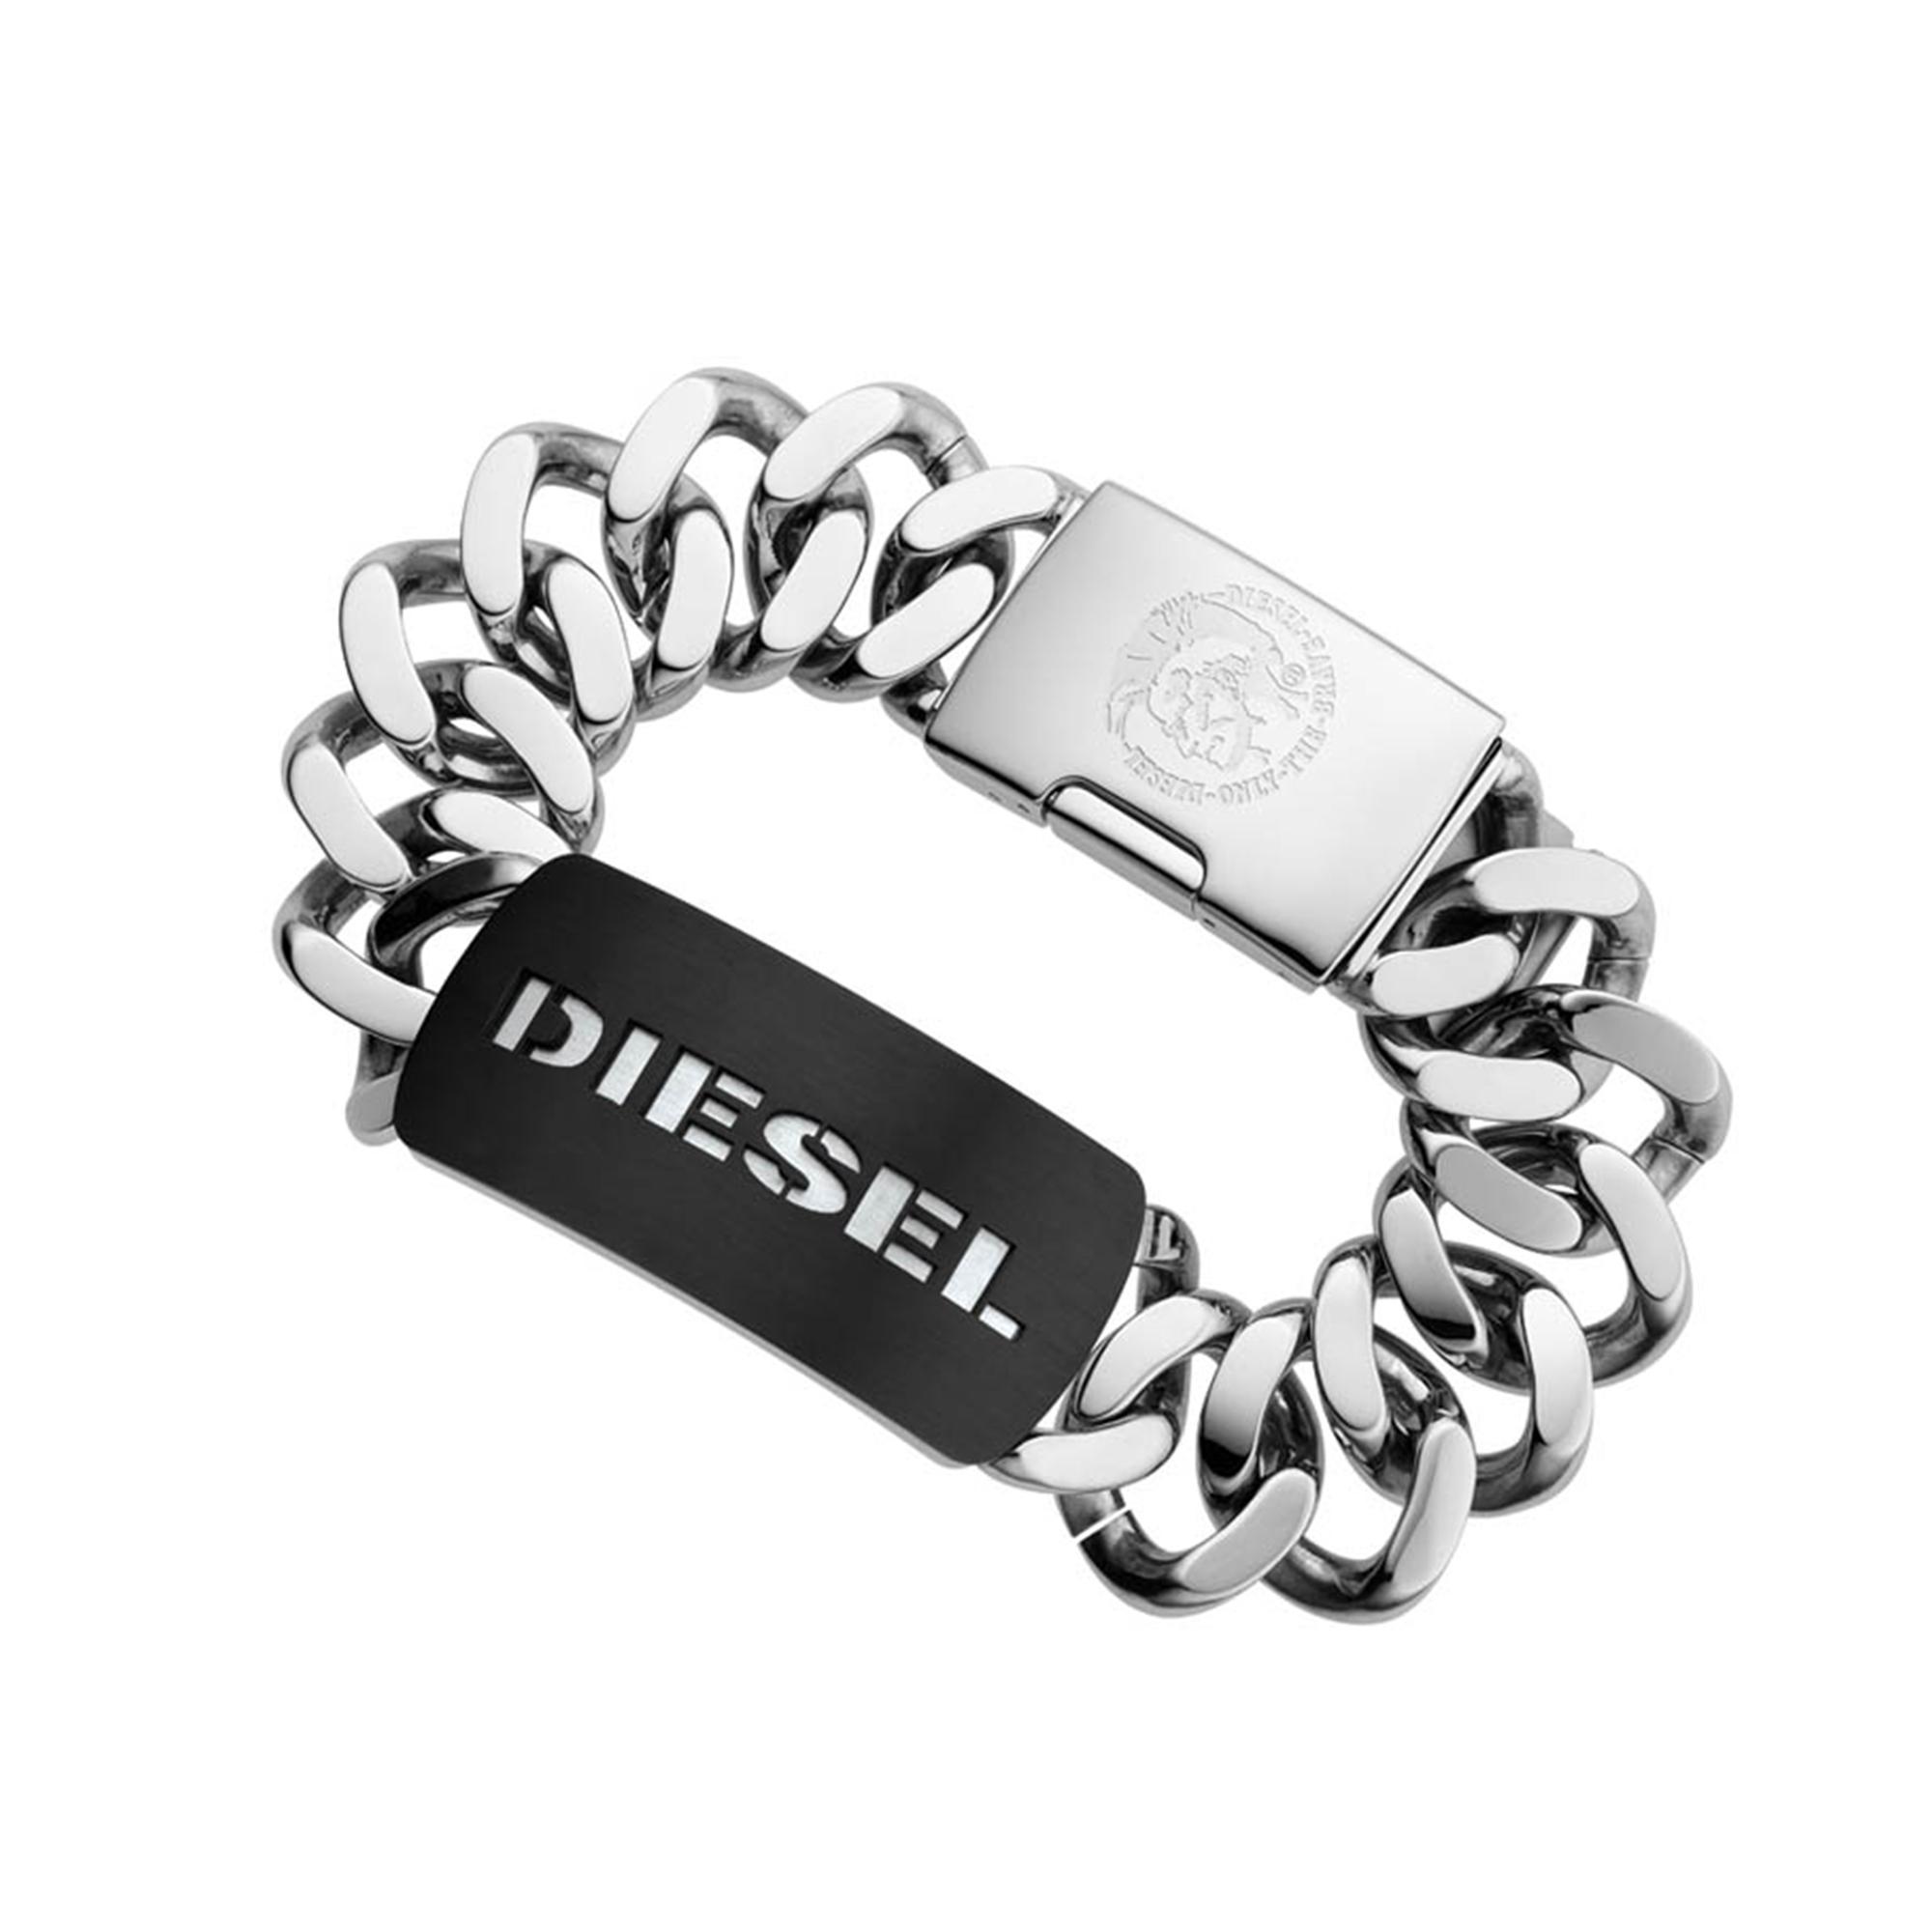 diesel armband dx0019040 juwelier kraemer onlineshop. Black Bedroom Furniture Sets. Home Design Ideas